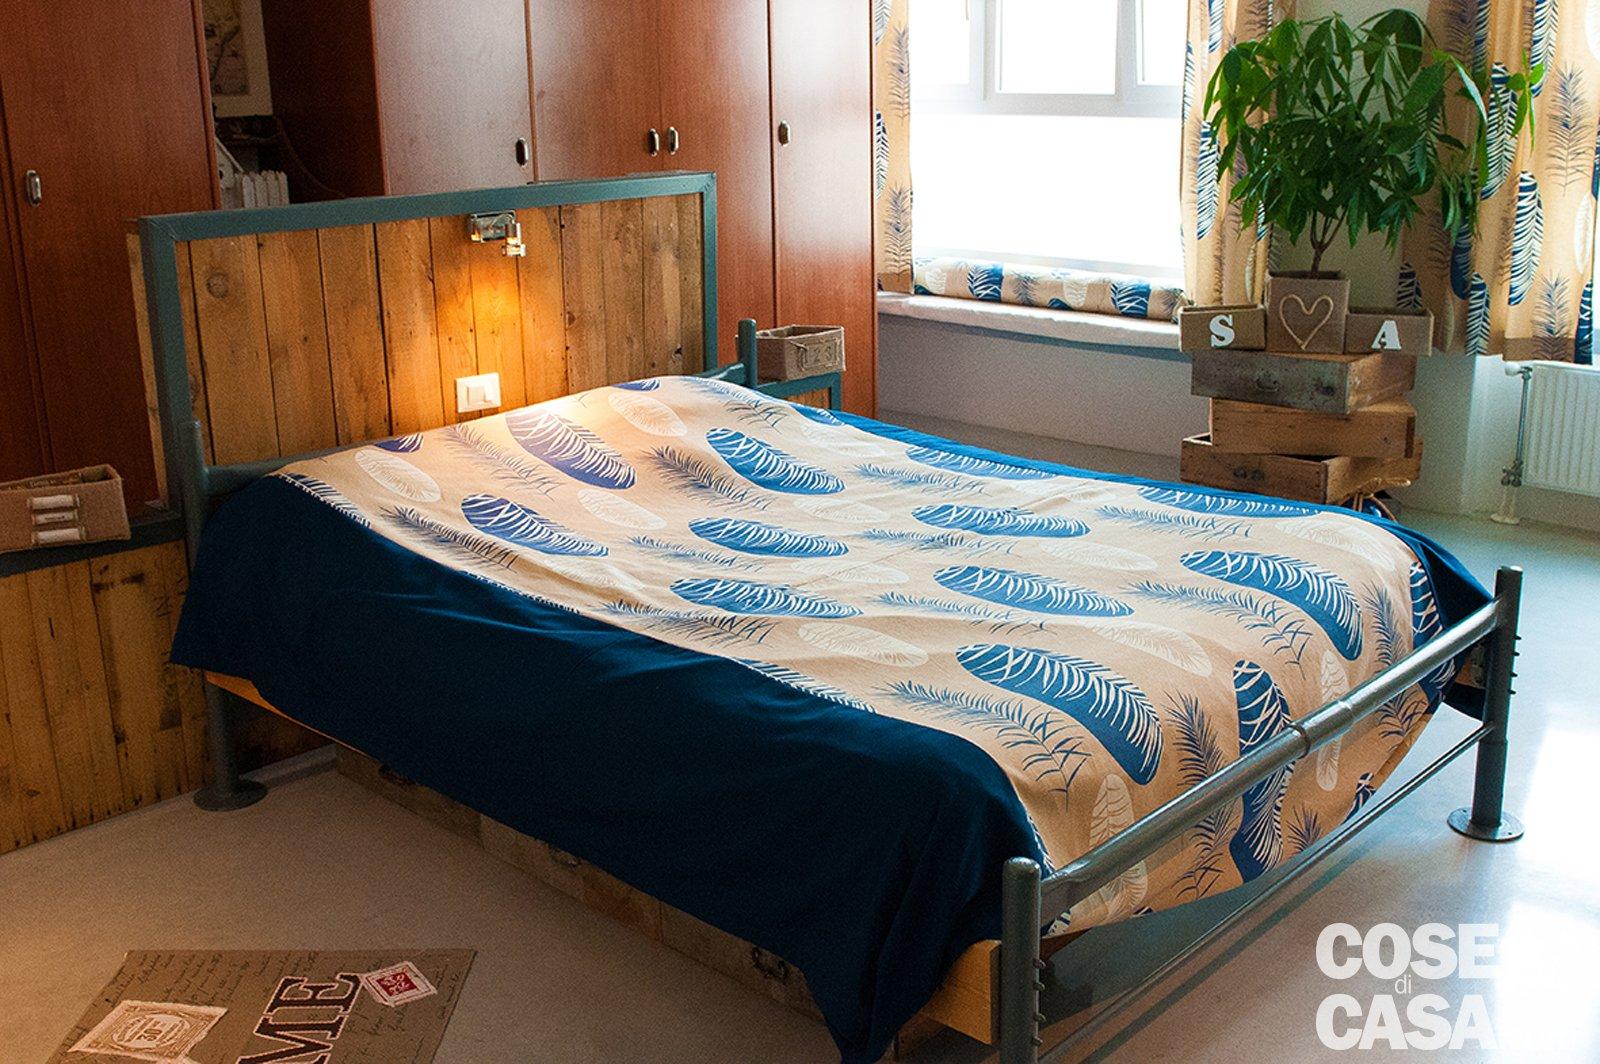 Tavolini da camera da letto comodino moderno camera da for 3 piani casa casa camera da letto